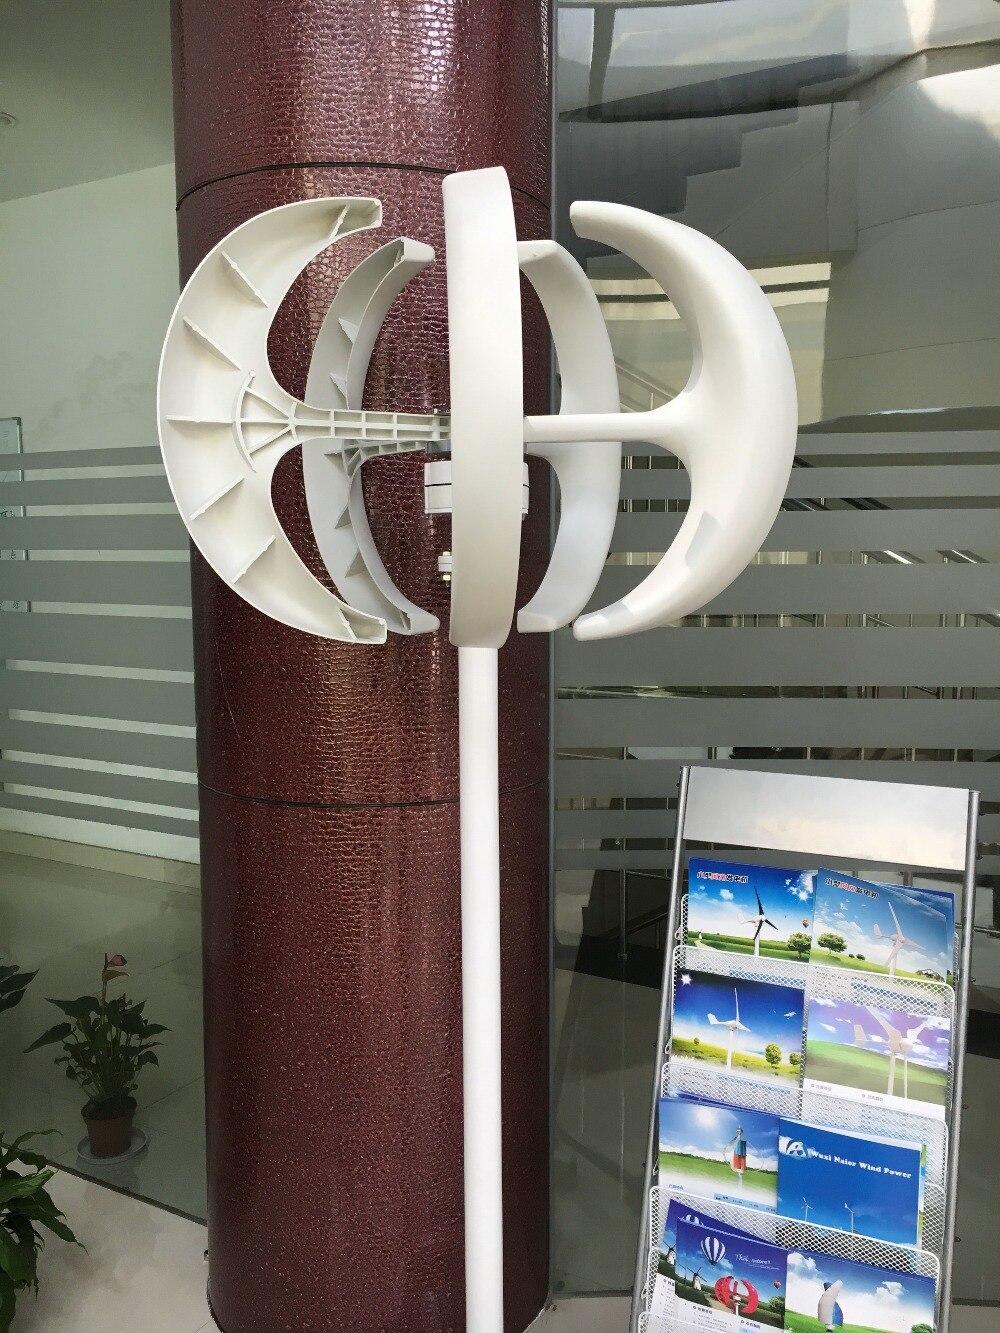 Gerador De Energia Wind Generator 2017 Promotion Top Fashion Permanent Magnet Generador Eolico 300w 12v 24vdc Vertical Axis 2017 hot sale promotion gerador de